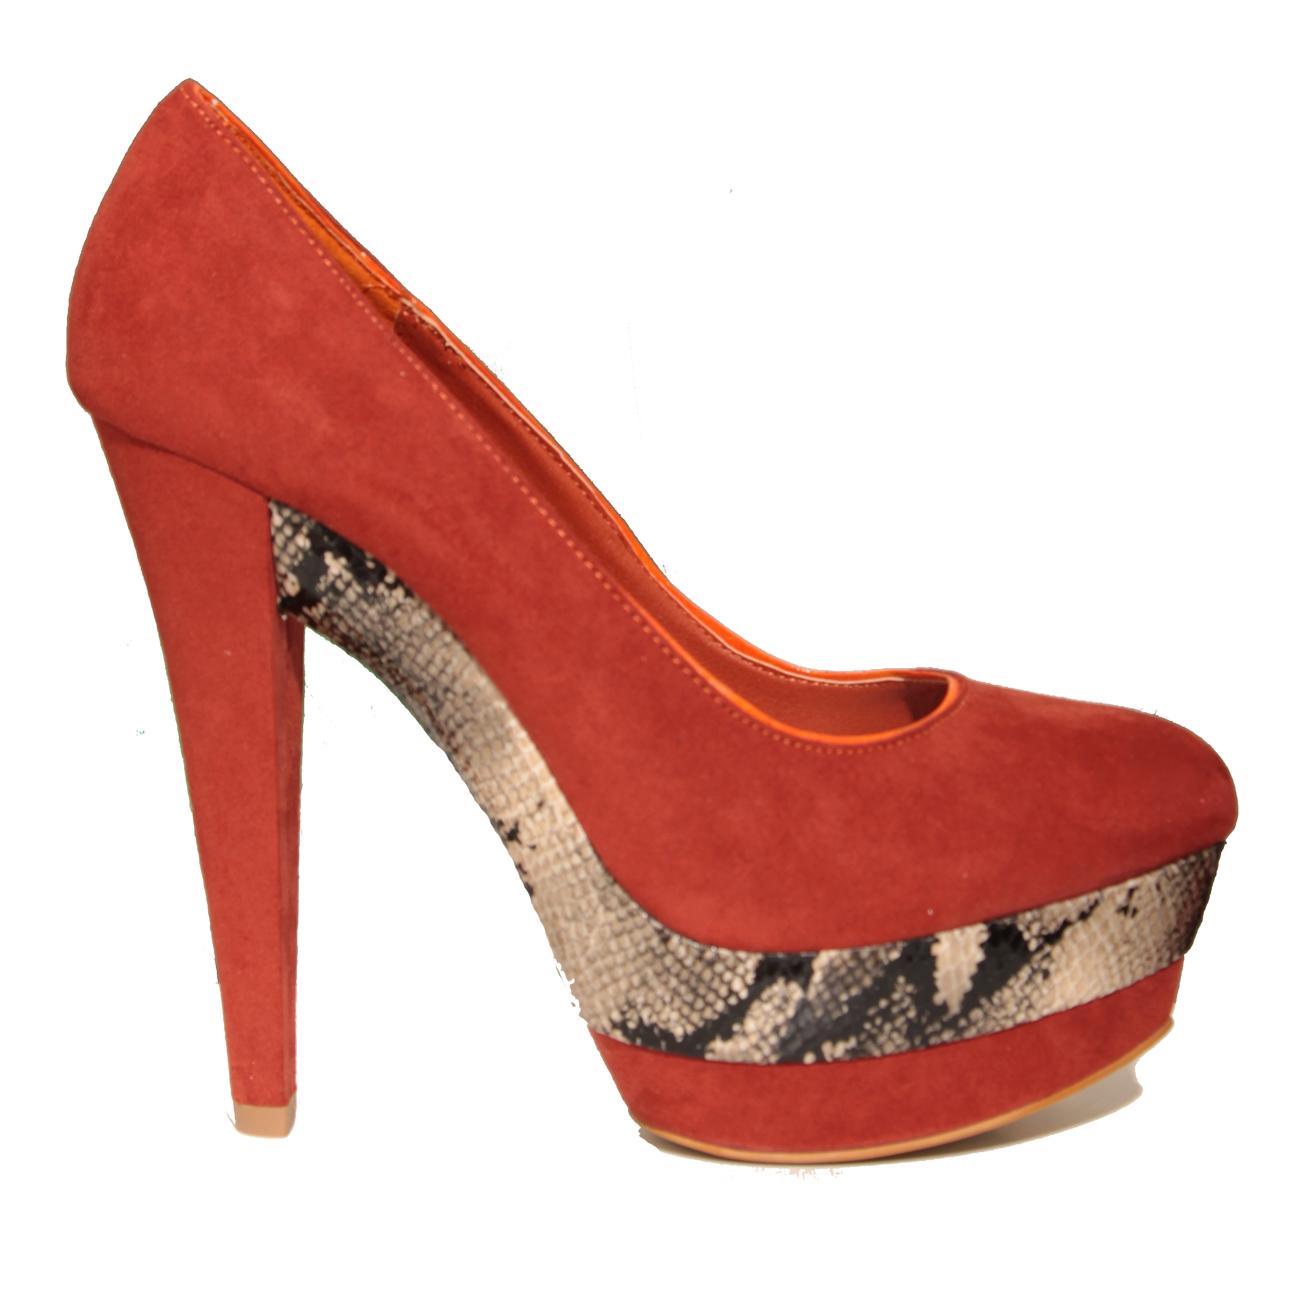 new womens orange high heel snakeskin shoe size 3 8 ebay. Black Bedroom Furniture Sets. Home Design Ideas